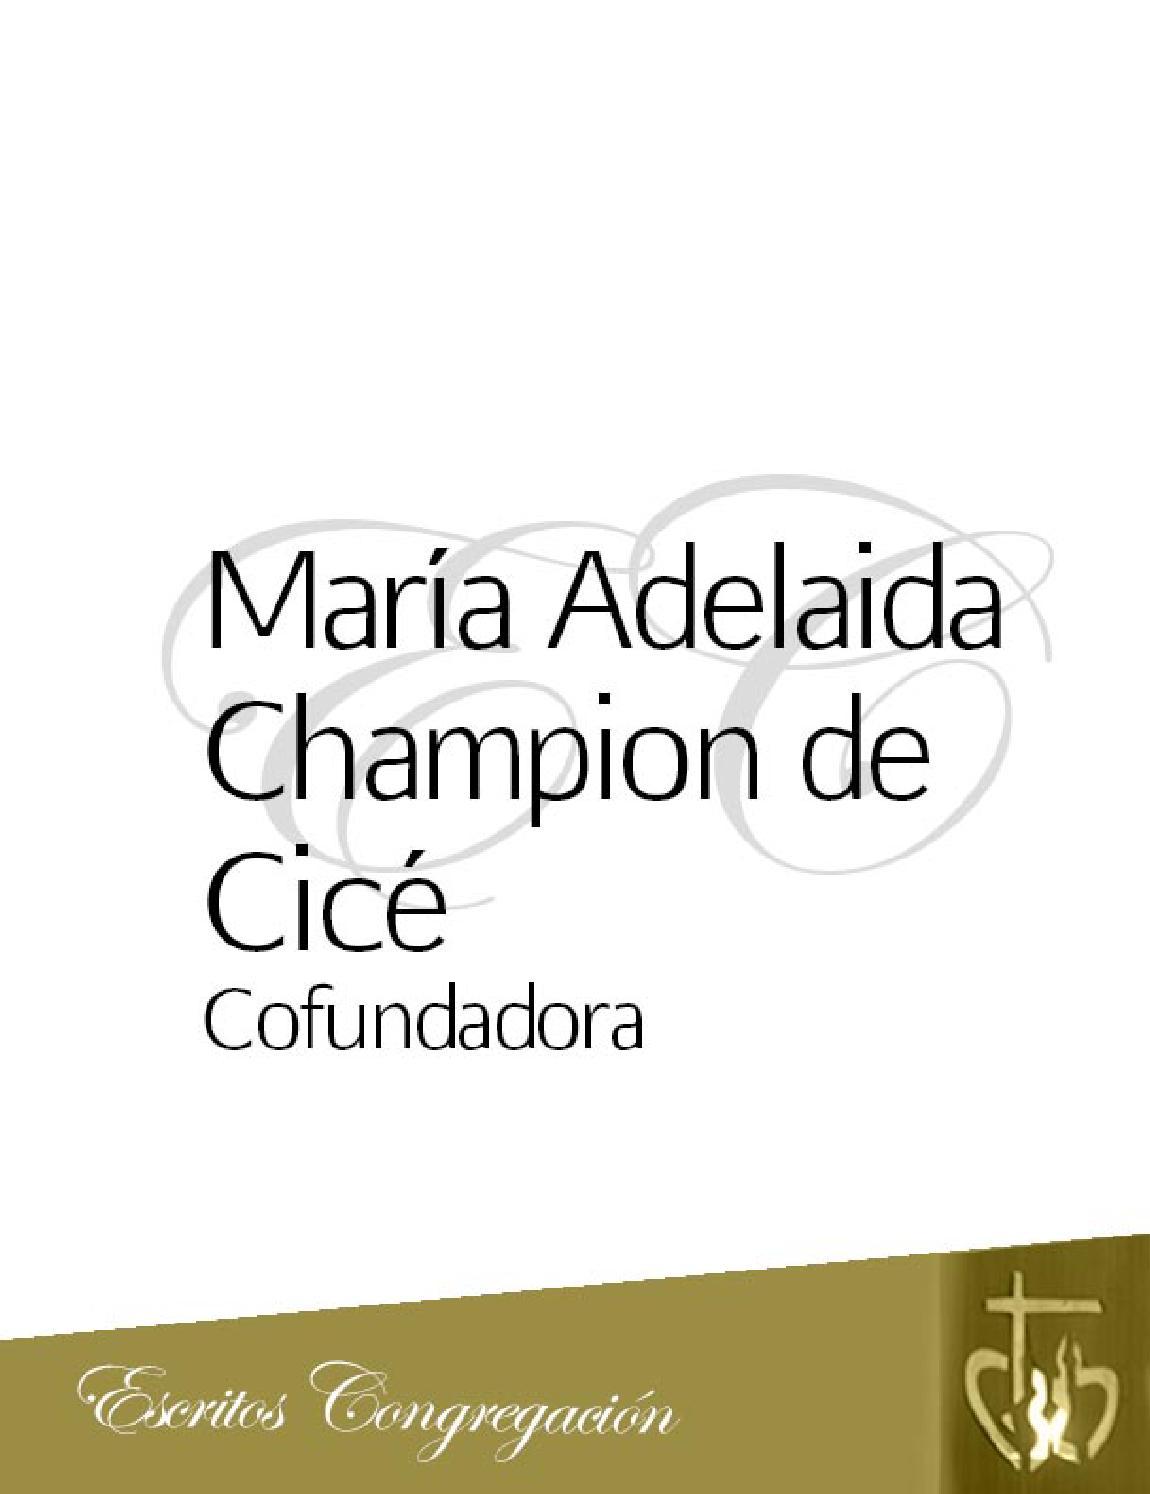 3 adelaida cofundadora by Sociedad Hijas del Corazón de María - issuu